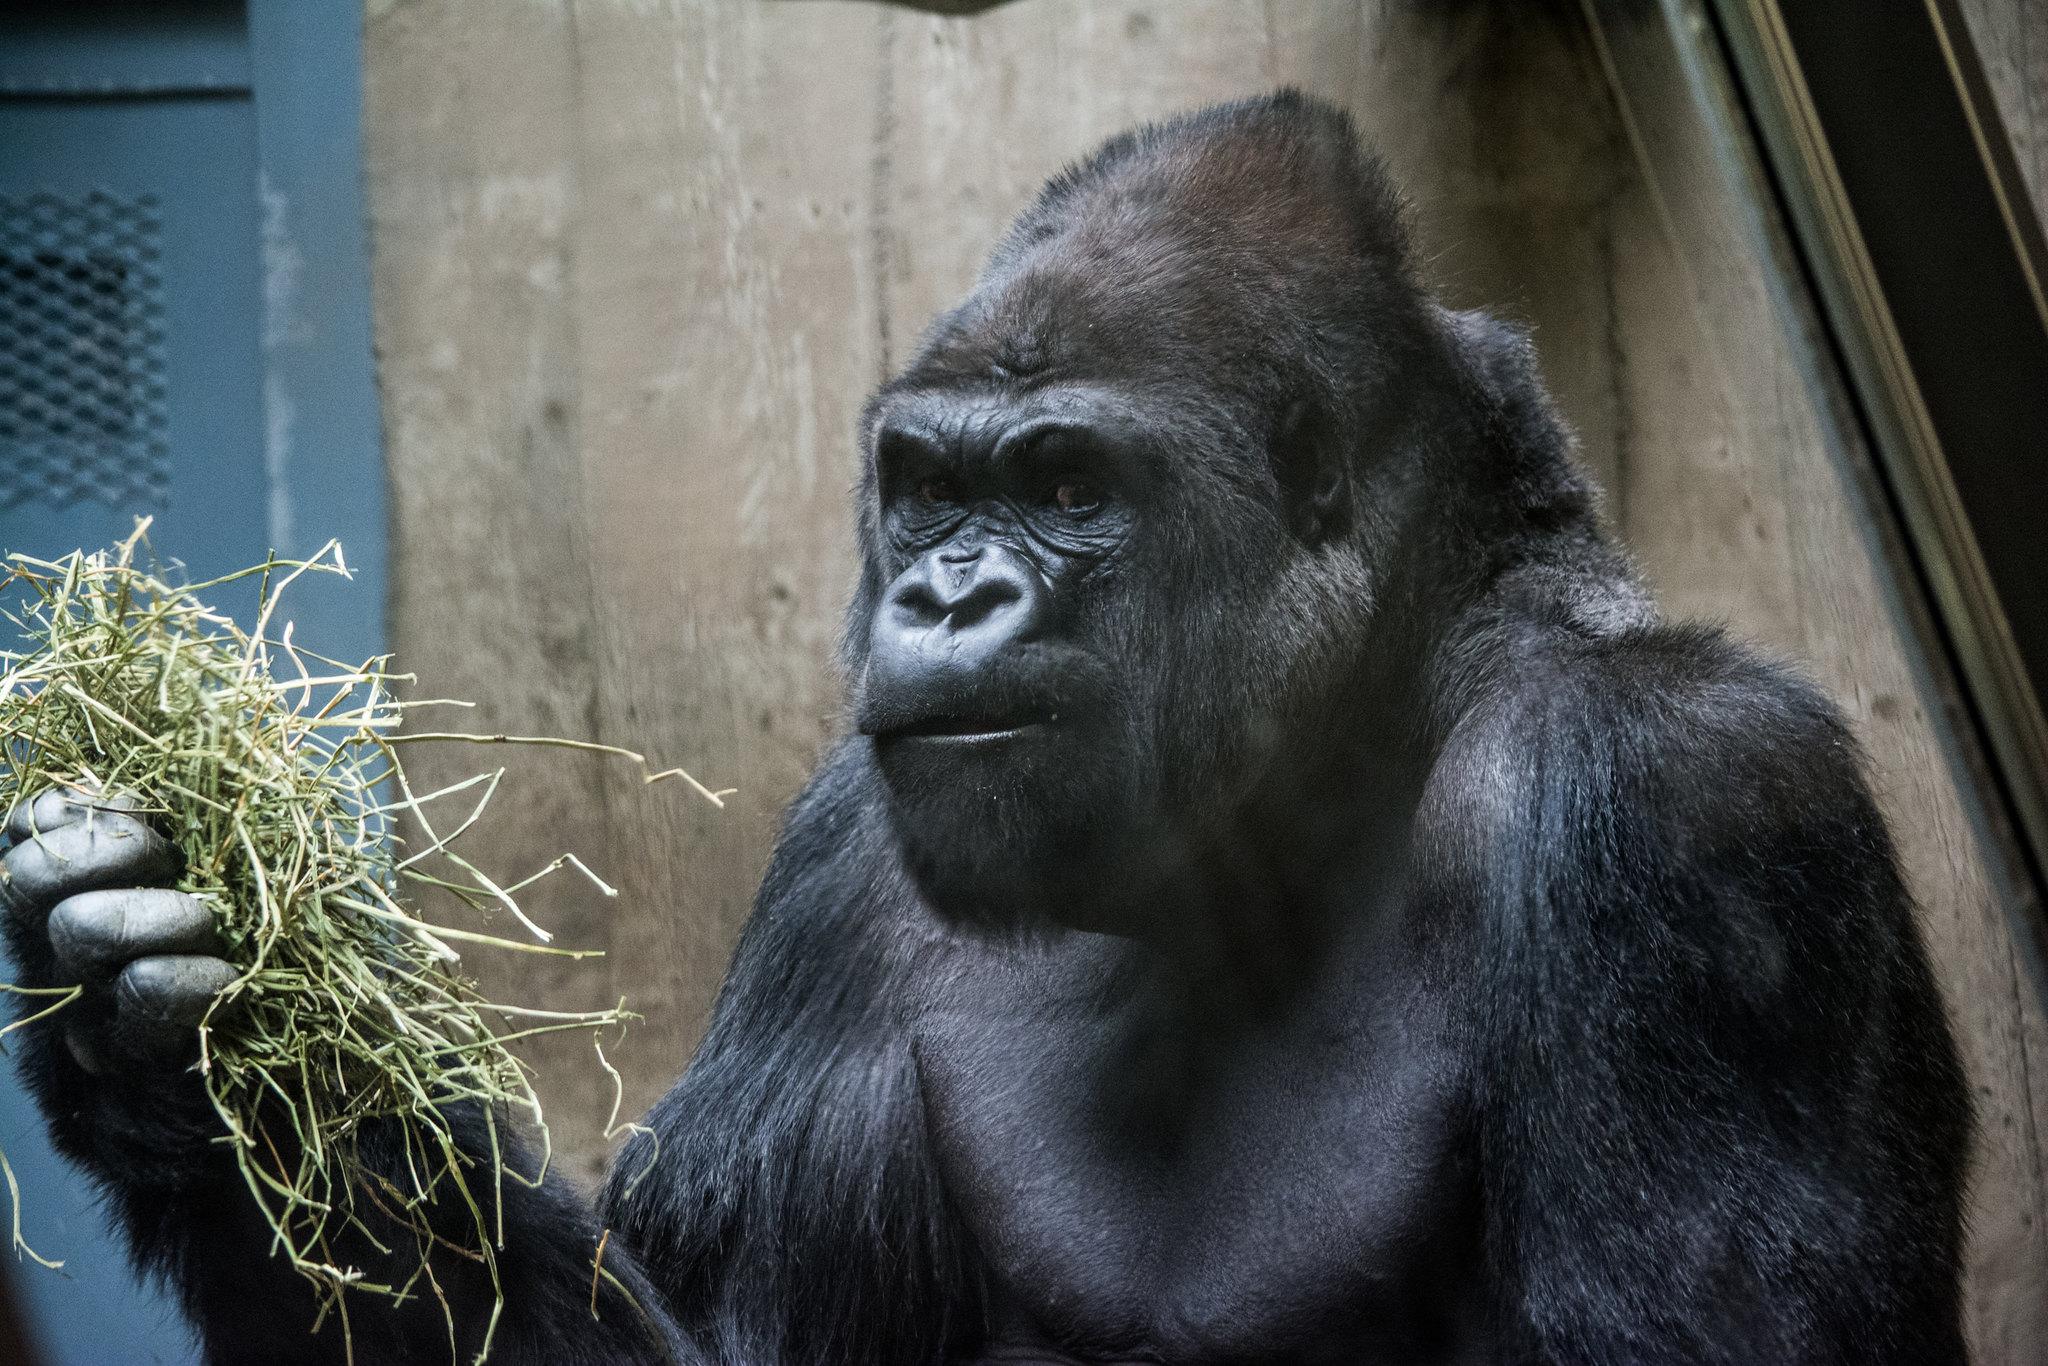 gorilla my dreams - Cleveland Zoo